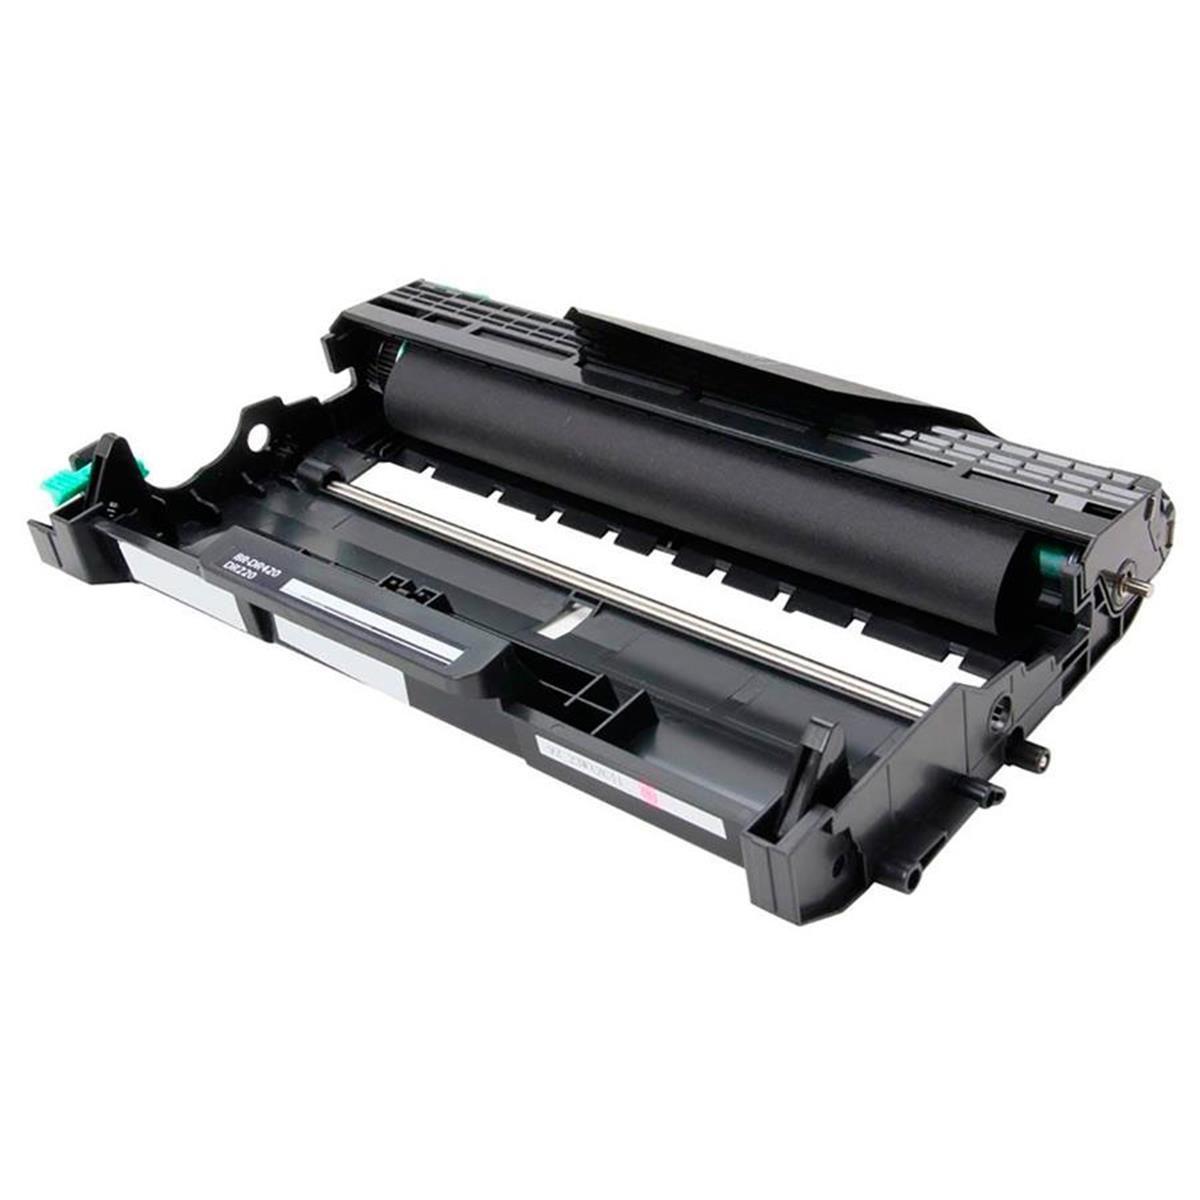 Fotocondutor DR2340 - TN2340 TN2370 TN2740 - DCP2540 DCP2600